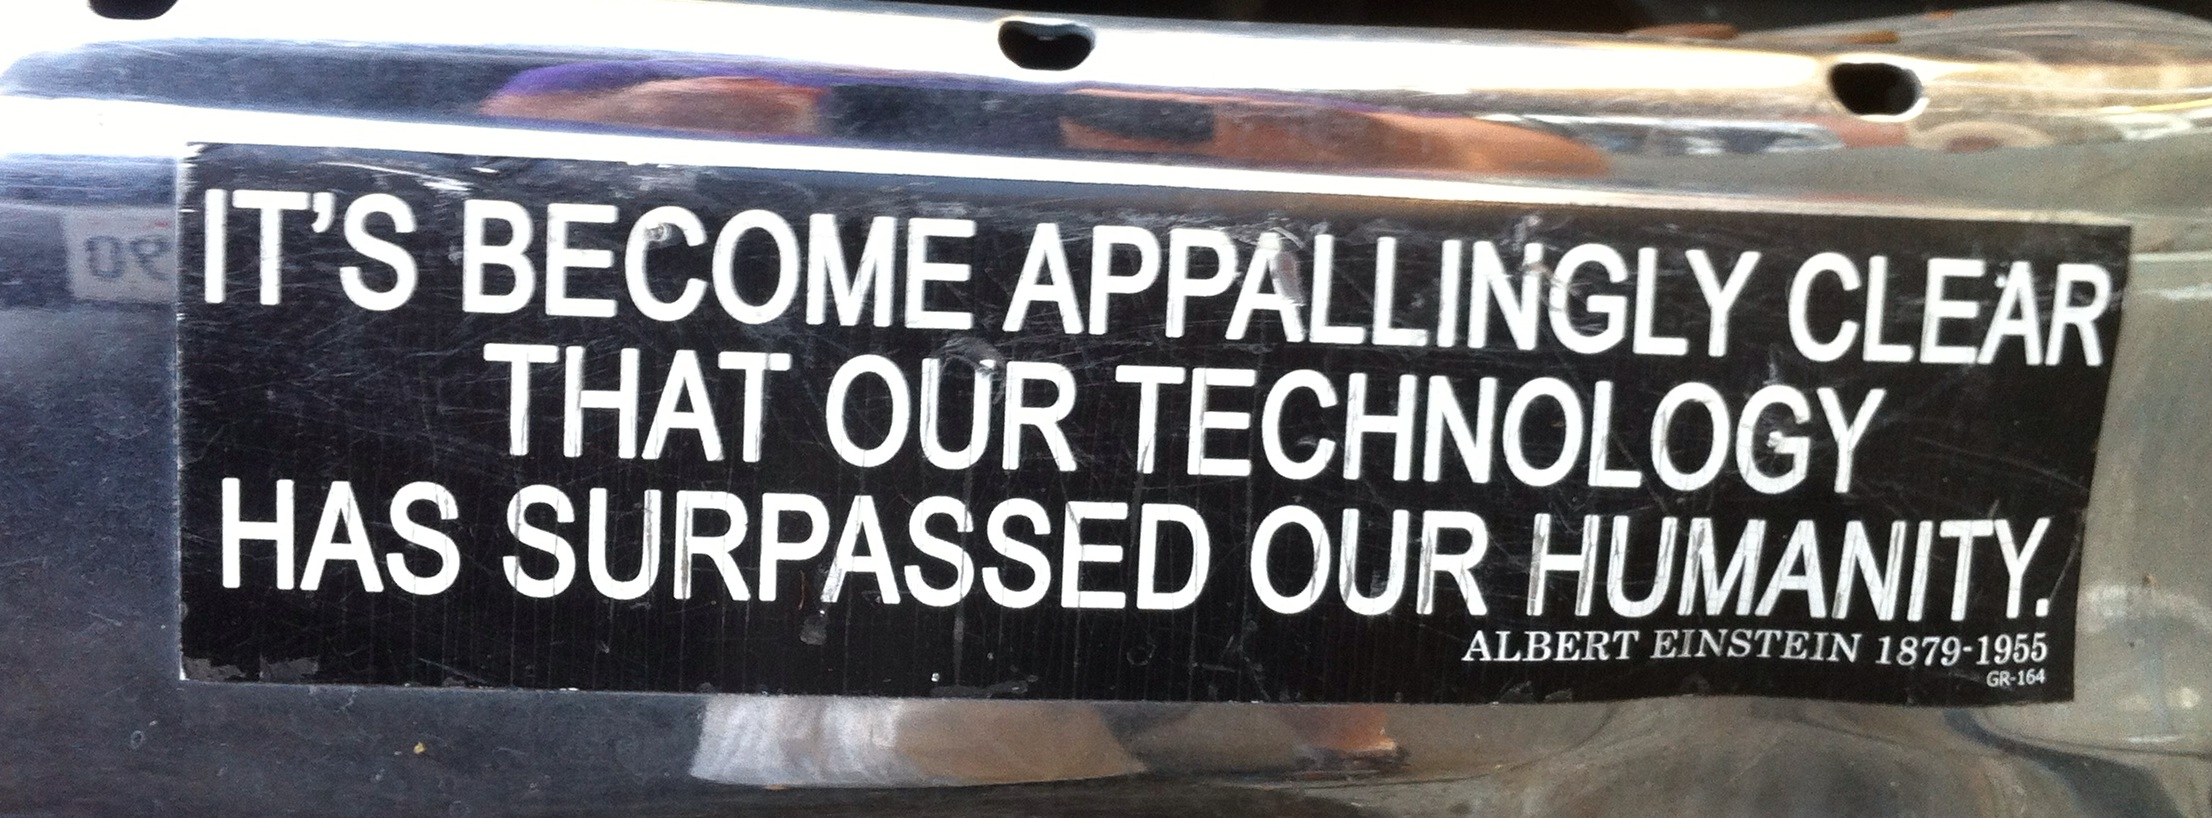 Bumper Sticker Einstein quote on Technology